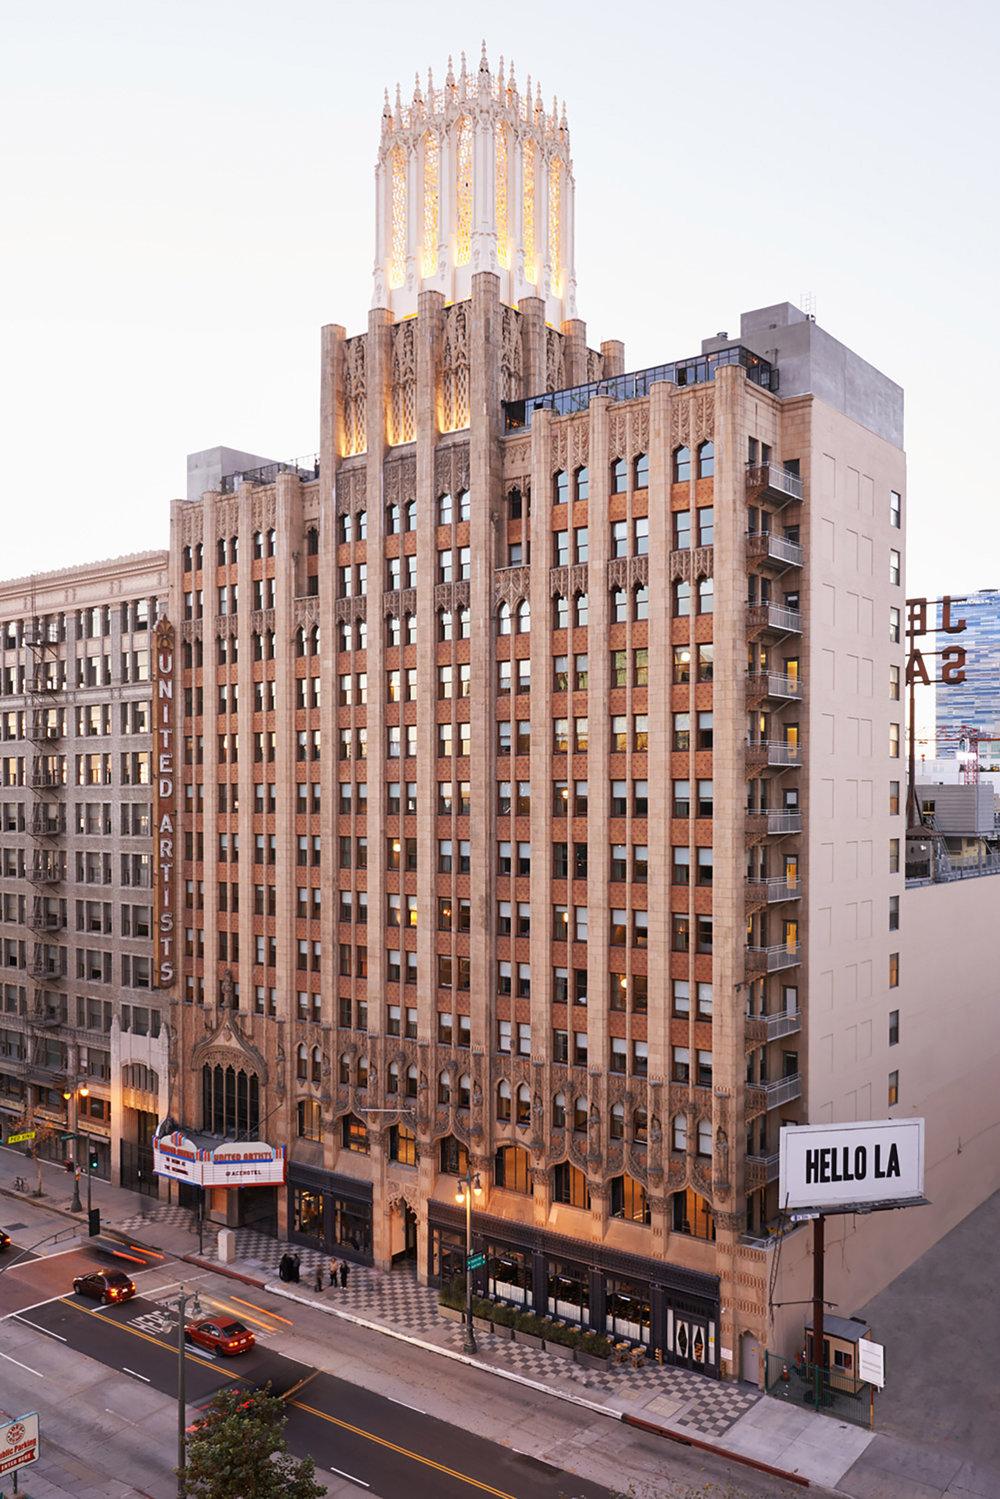 Ace Hotel, Downtown LA